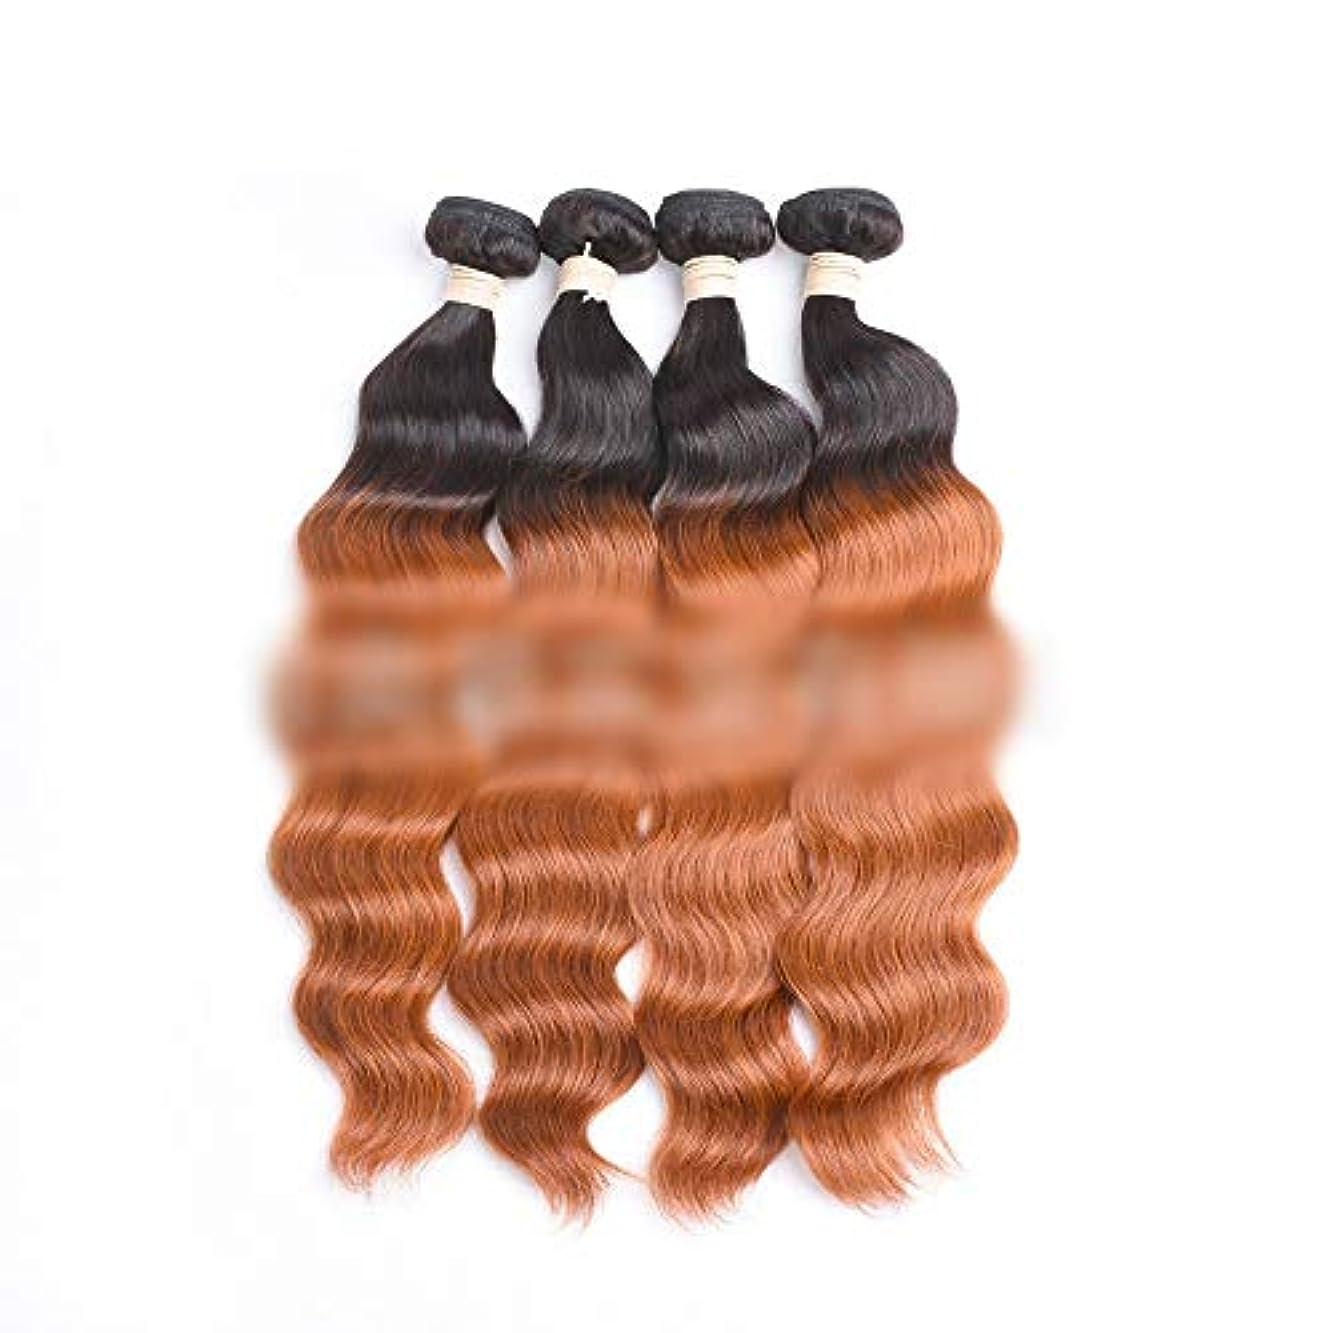 ブラウザイデオロギー分類するHOHYLLYA ブラジルのオーシャンウェーブヘア1バンドル未処理の人間の髪の毛の拡張子 - #30明るい茶色の色ロールプレイングかつら女性の自然なかつら (色 : ブラウン, サイズ : 14 inch)